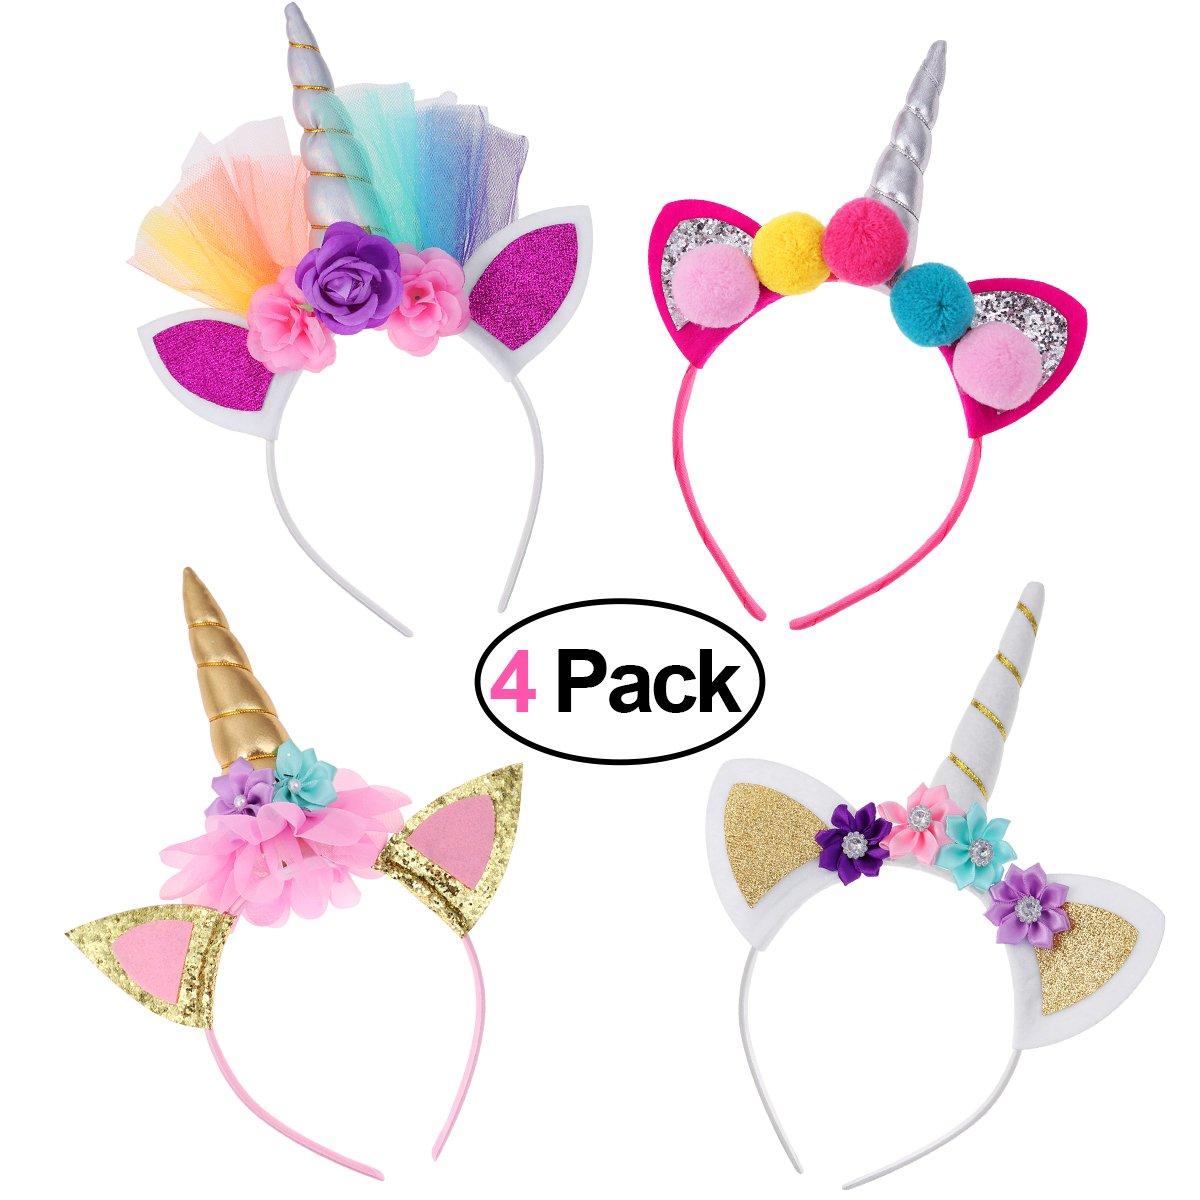 Frcolor Unicorn fascia per Unicorn party compleanno cappello per adulti, bambini, party fascia per Halloween, 4pezzi